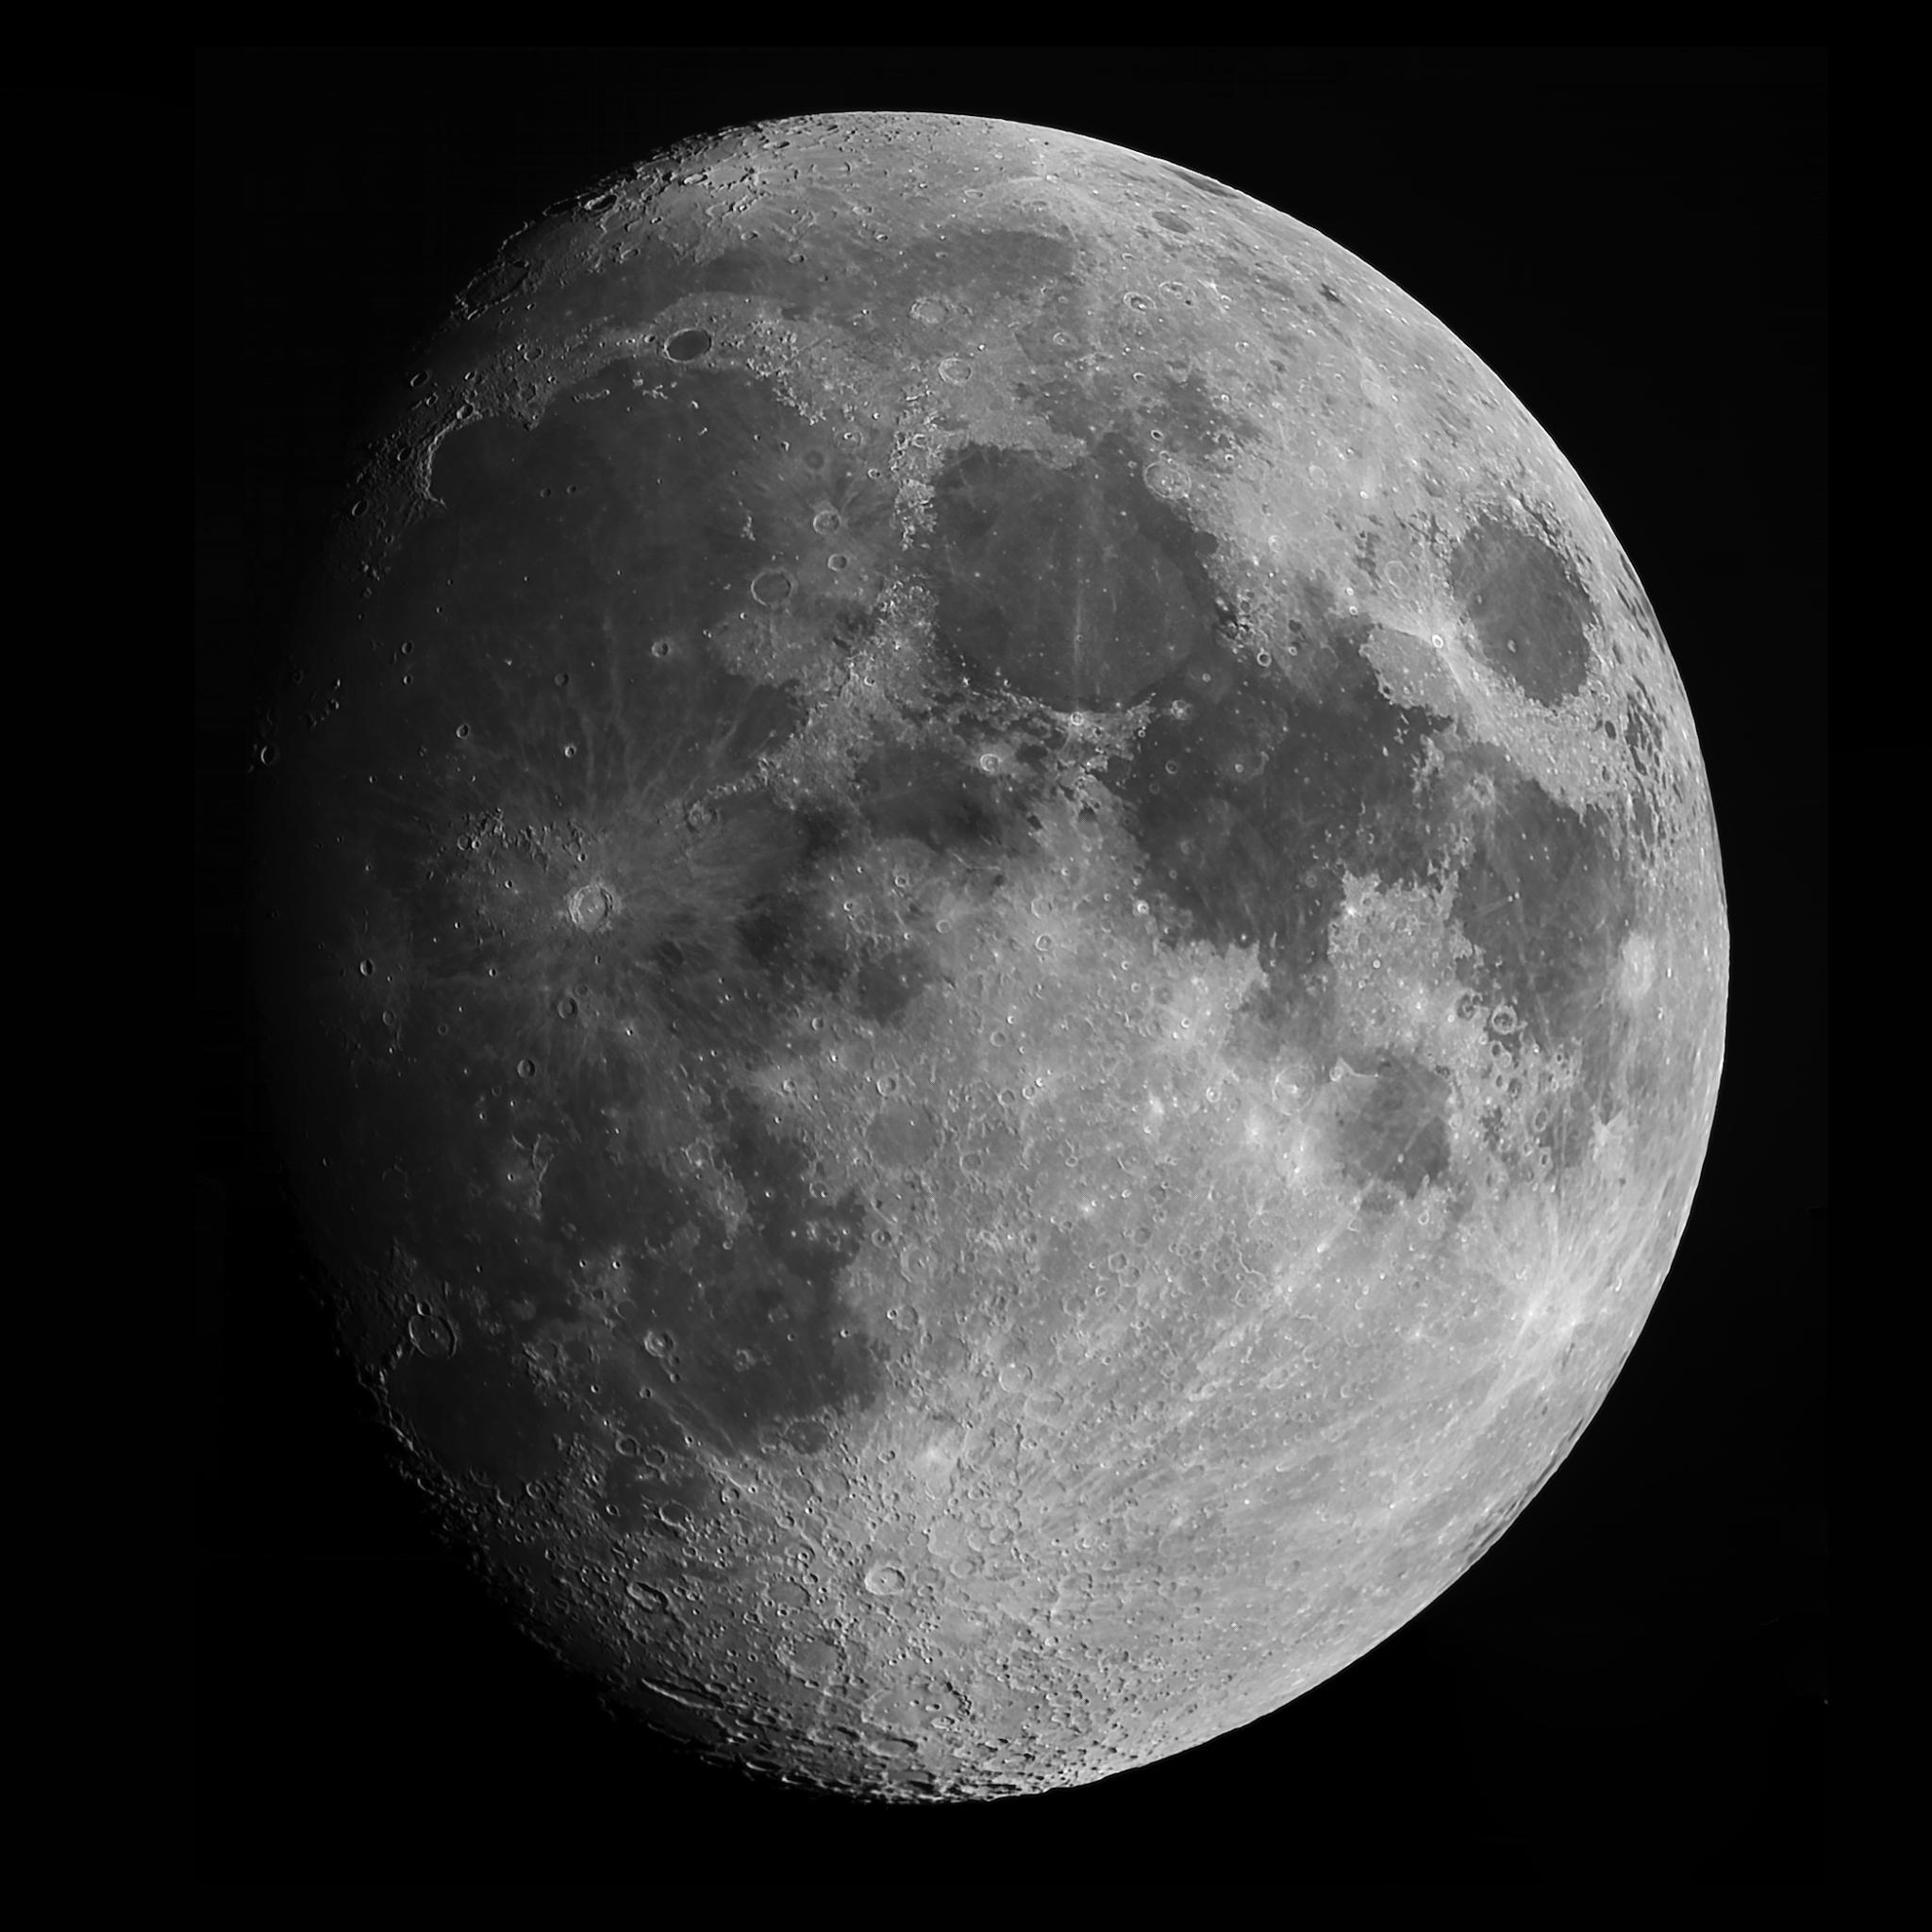 Панорама місяця